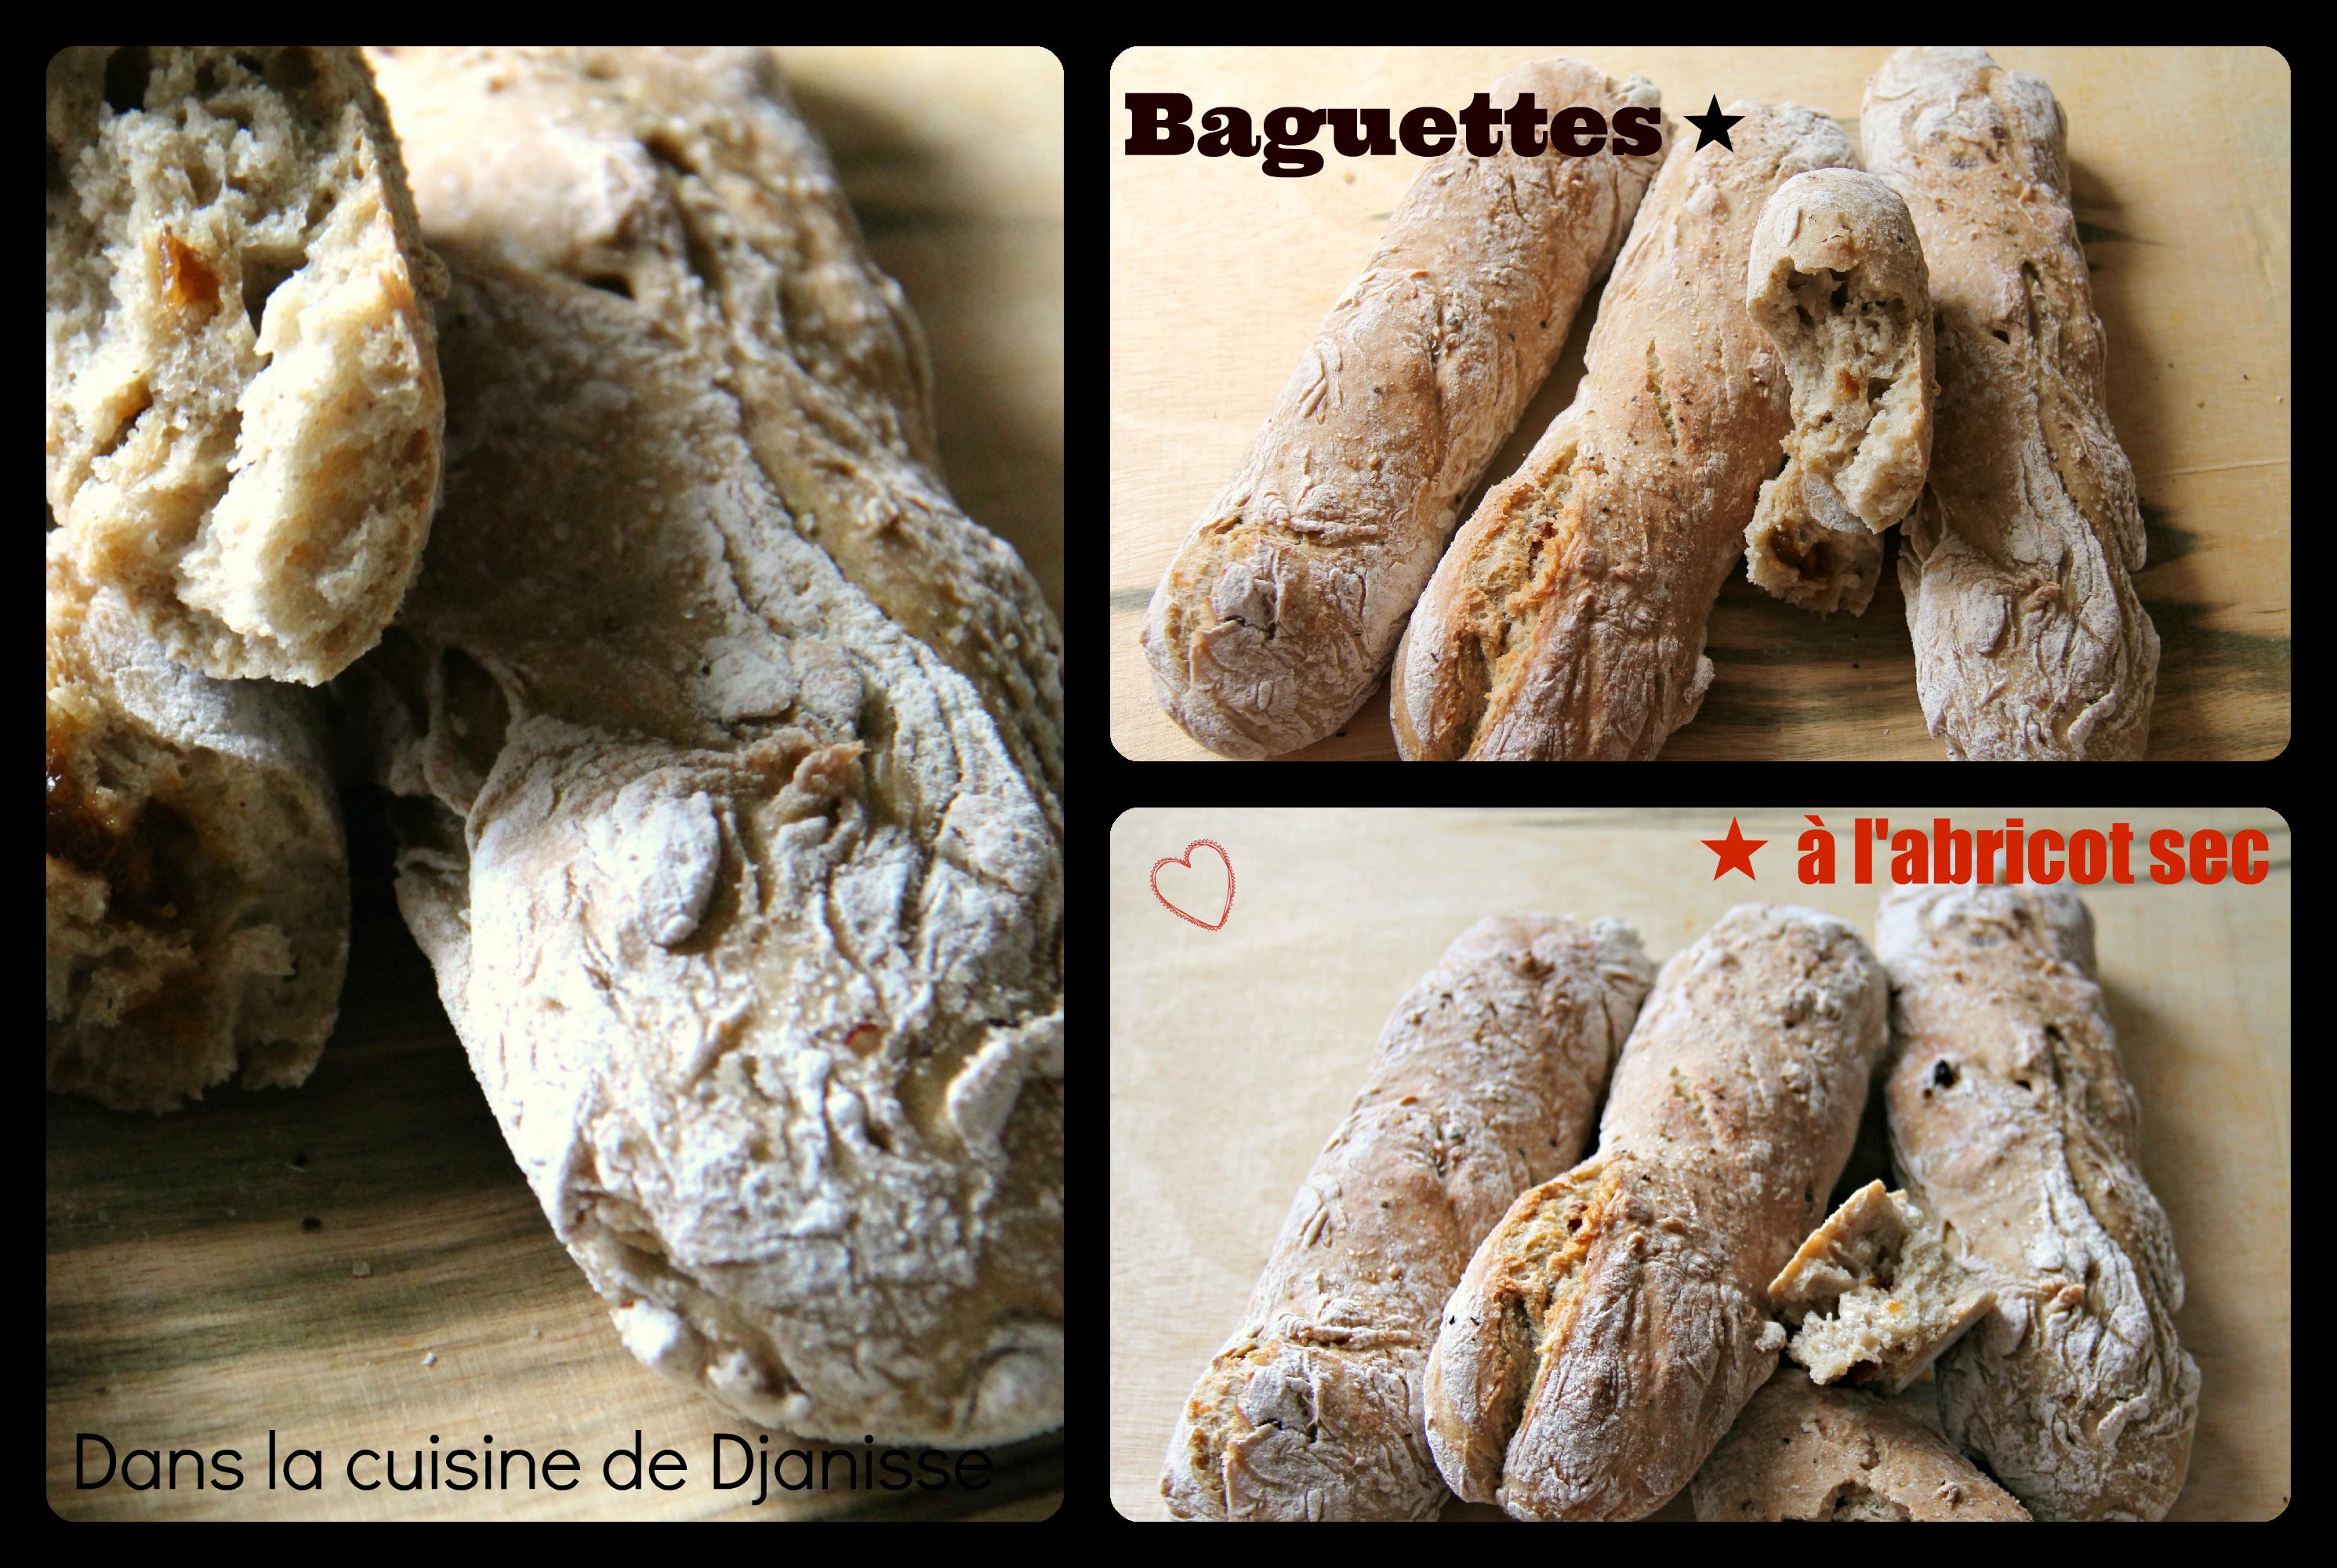 Baguettes à l'abricot sec